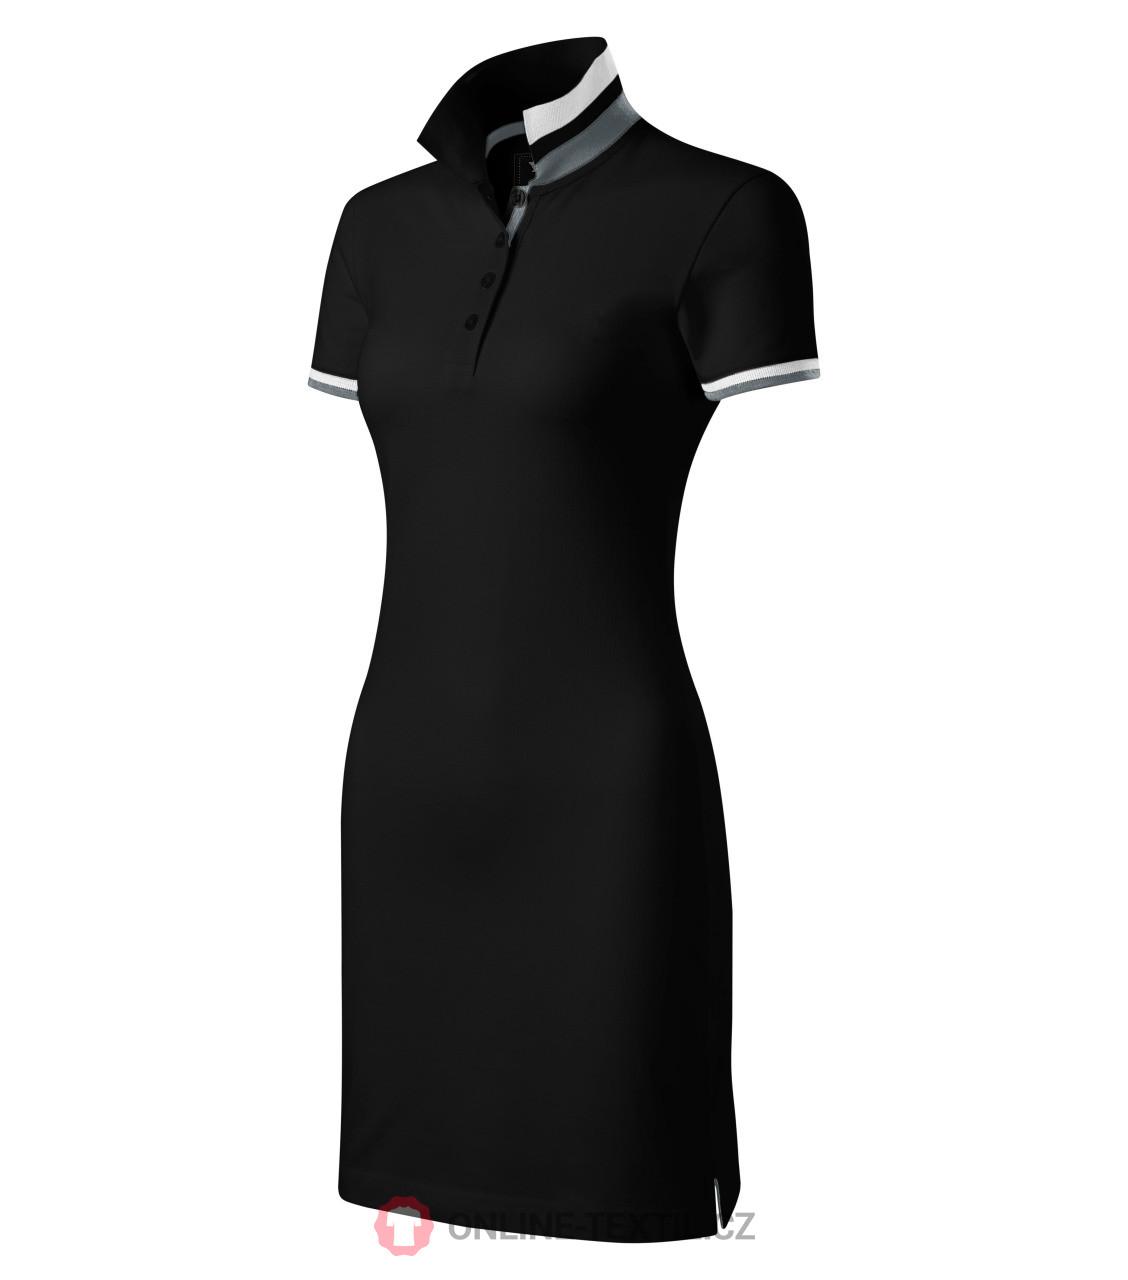 ADLER CZECH Prémiové dámske šaty Dress up vyššej gramáže 271 ... 39ff4dc0e4f